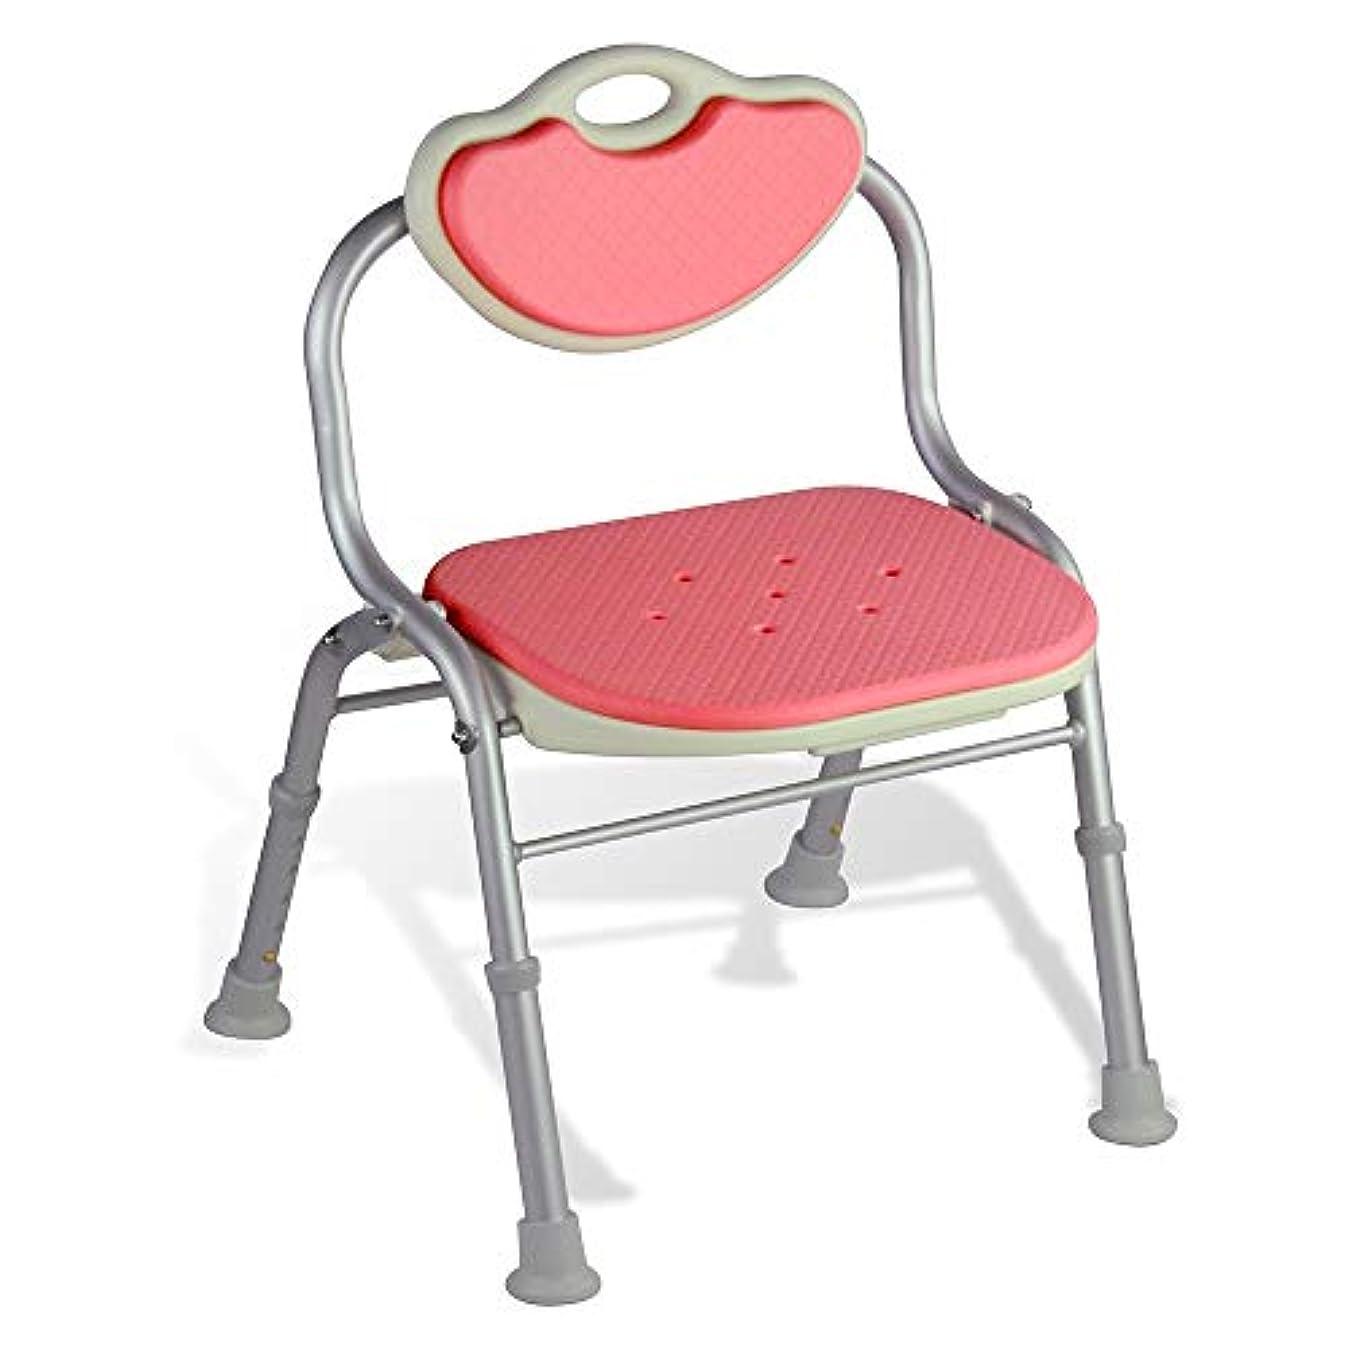 感性傾いたオプション調節可能なシャワーチェア、背中付き-障害者、障害者、高齢者向けのバスタブチェア (Color : ピンク)